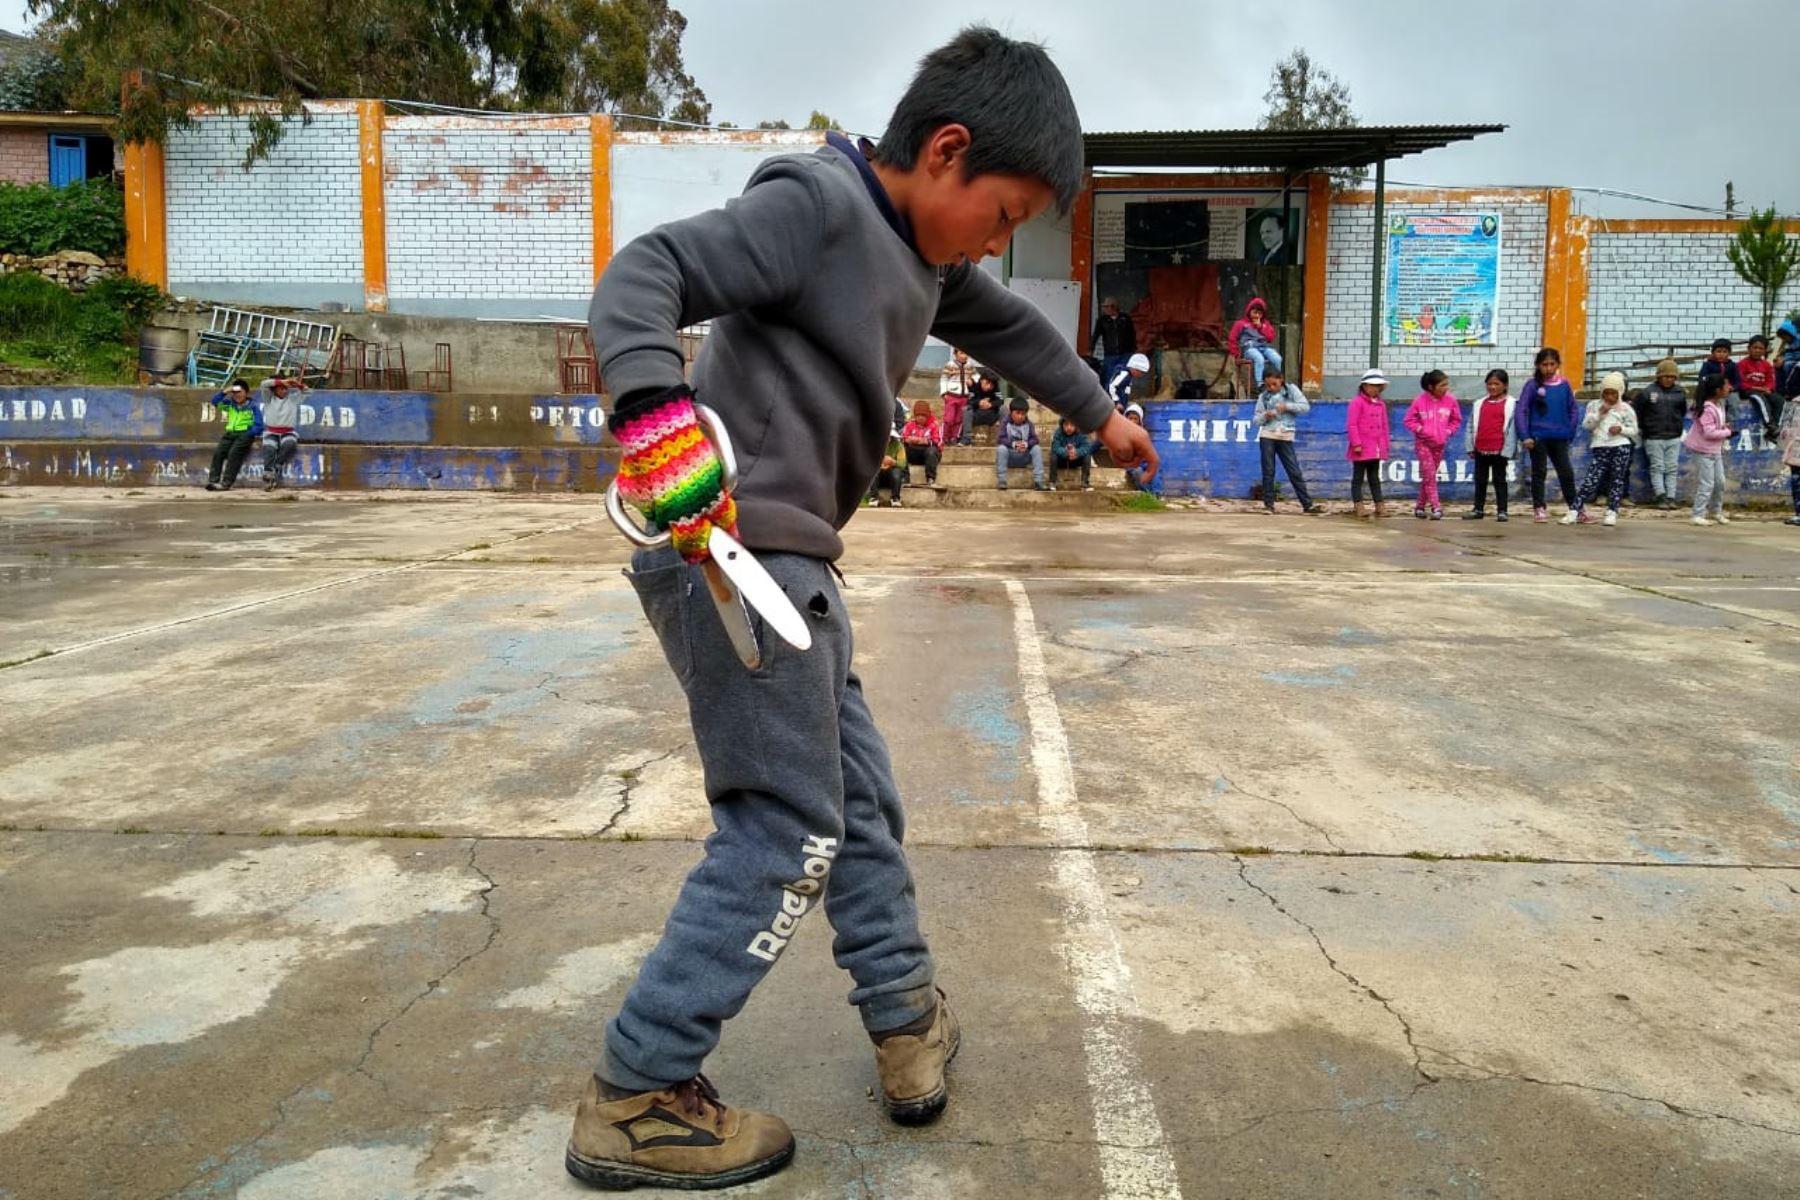 Así aprenden los niños de Huancavelica a bailar la milenaria danza de las tijeras. Foto: Pedro Tinoco